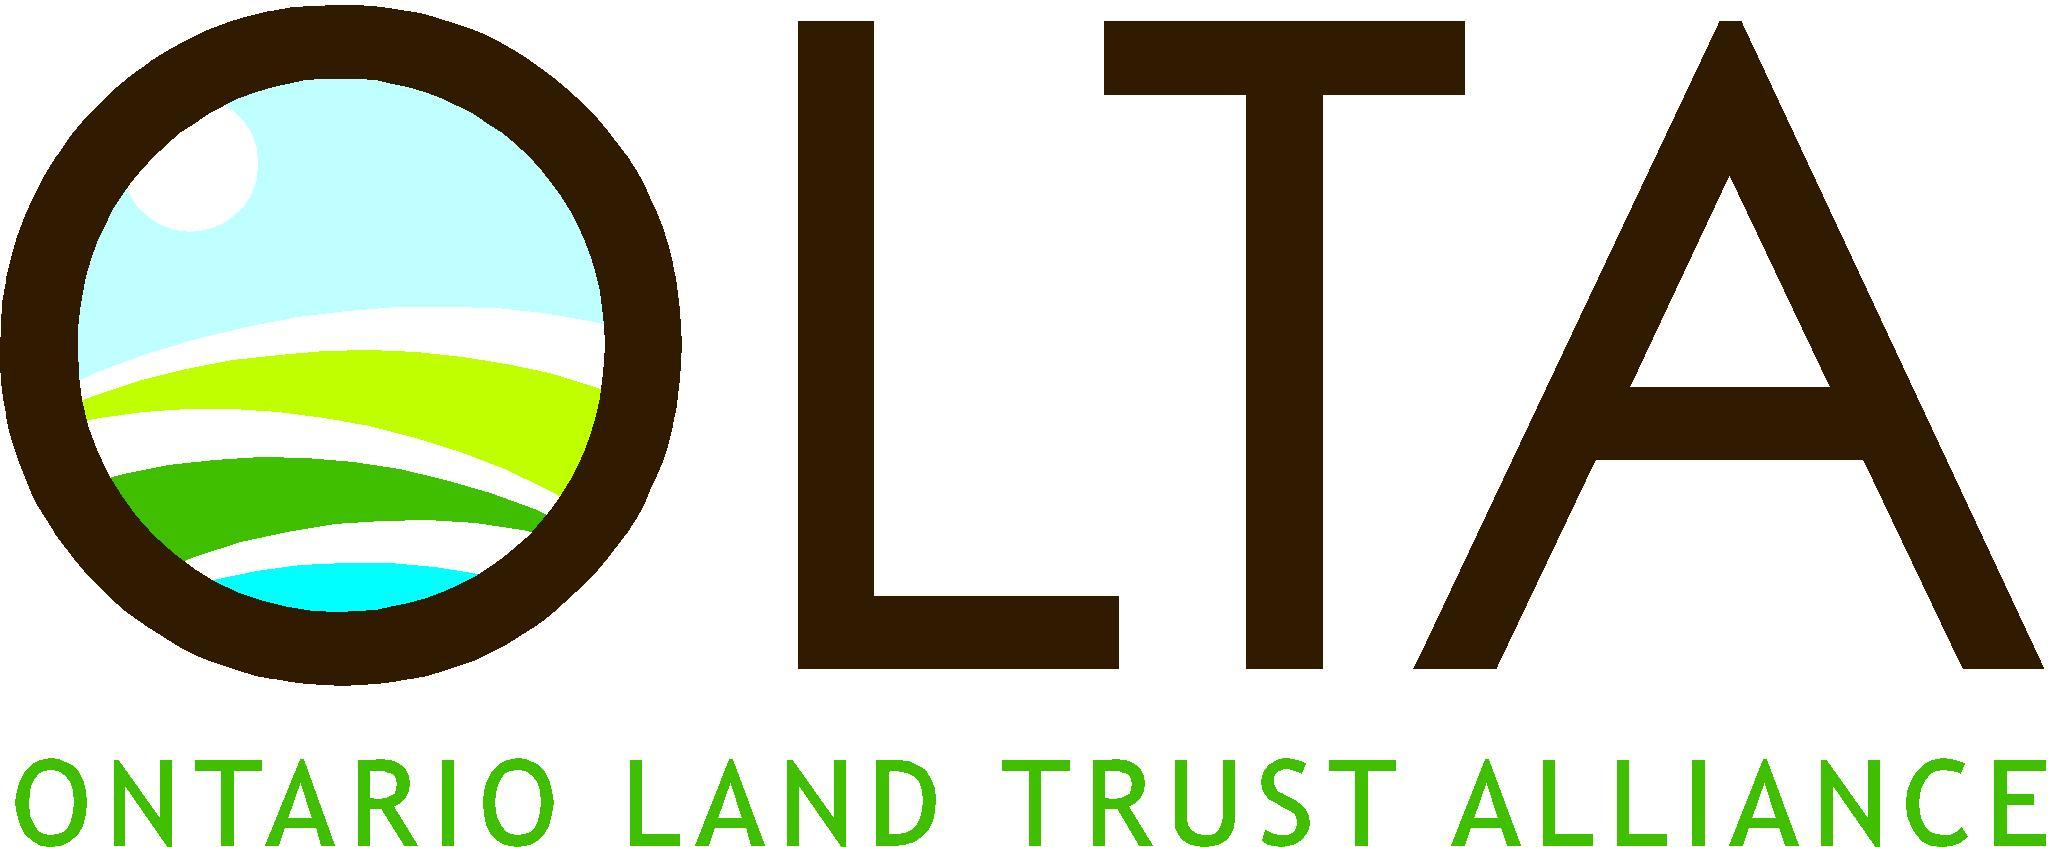 OLTA_logo.jpg